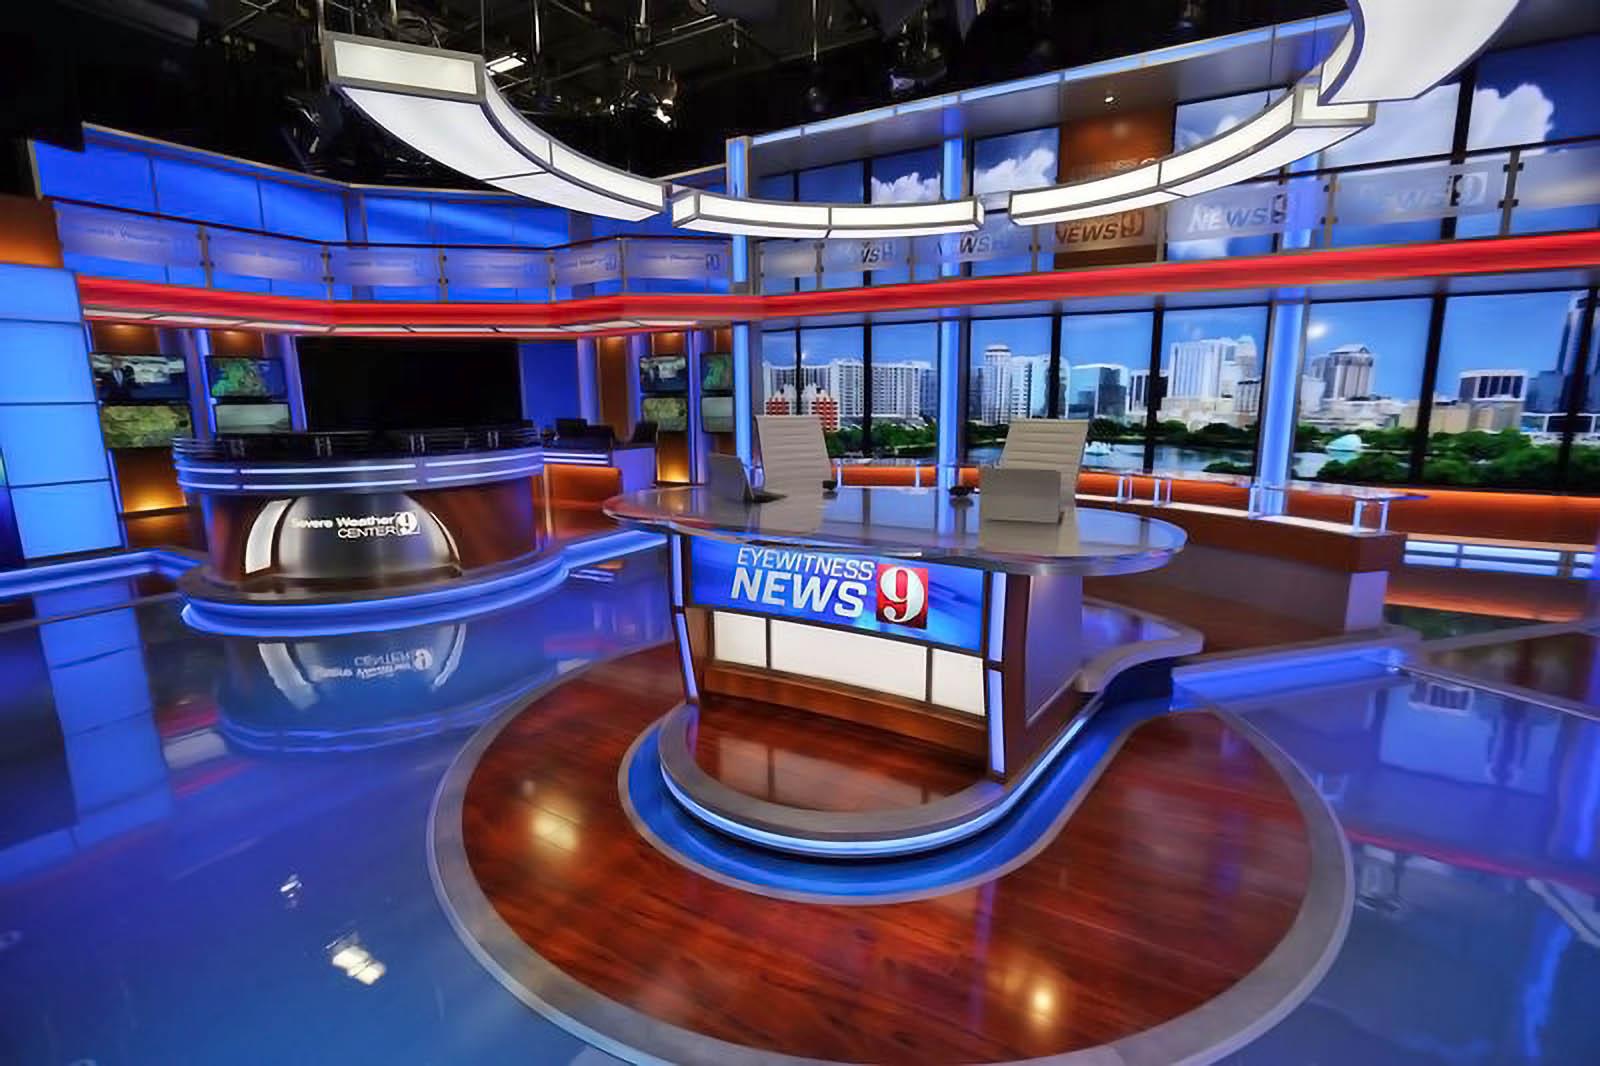 WFTV News live broadcasting studio